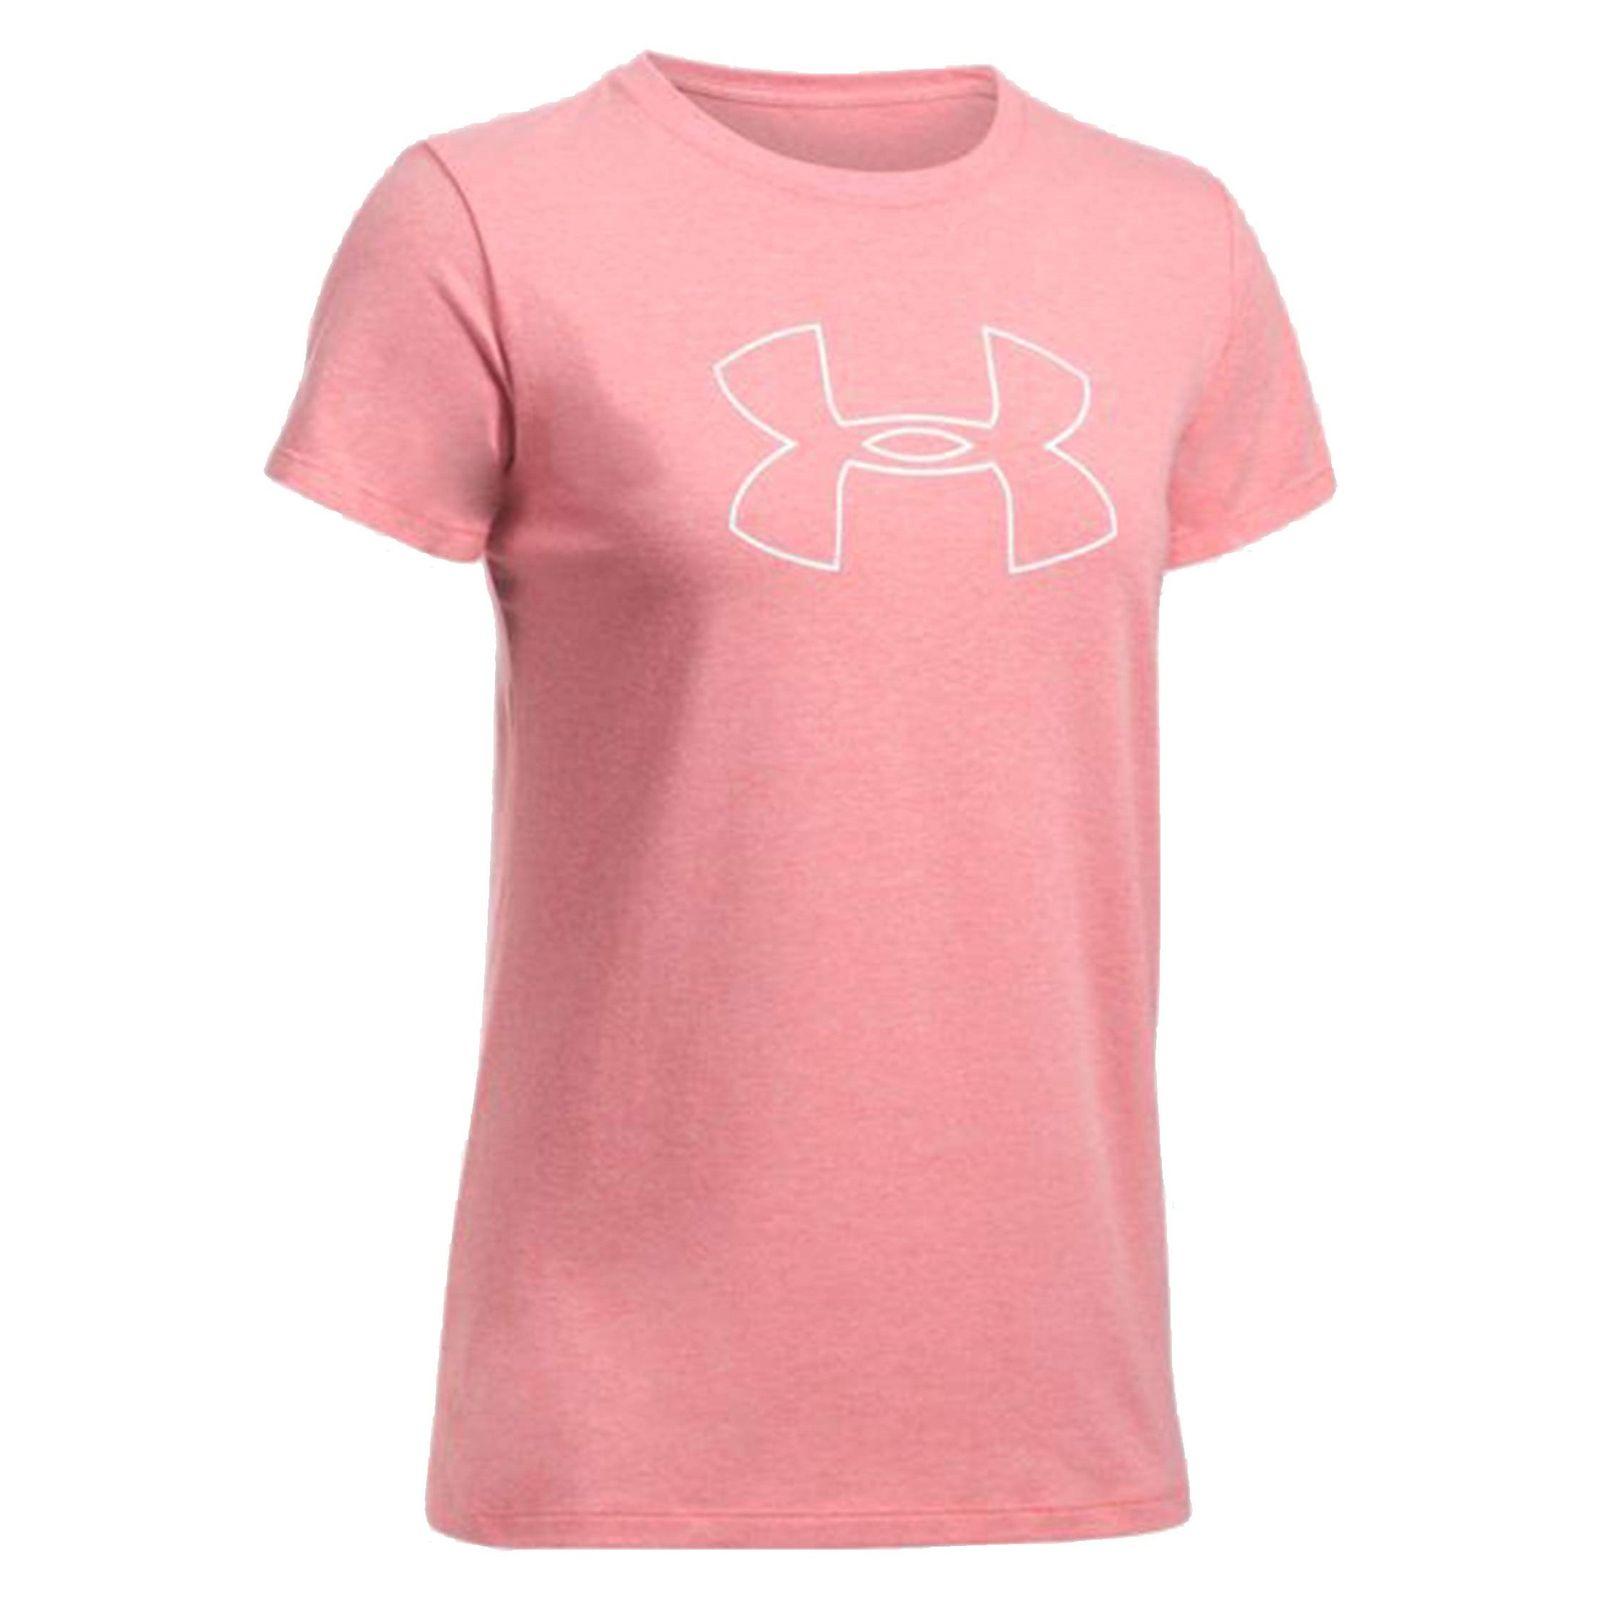 تی شرت نخی یقه گرد زنانه - آندر آرمور - صورتي - 1